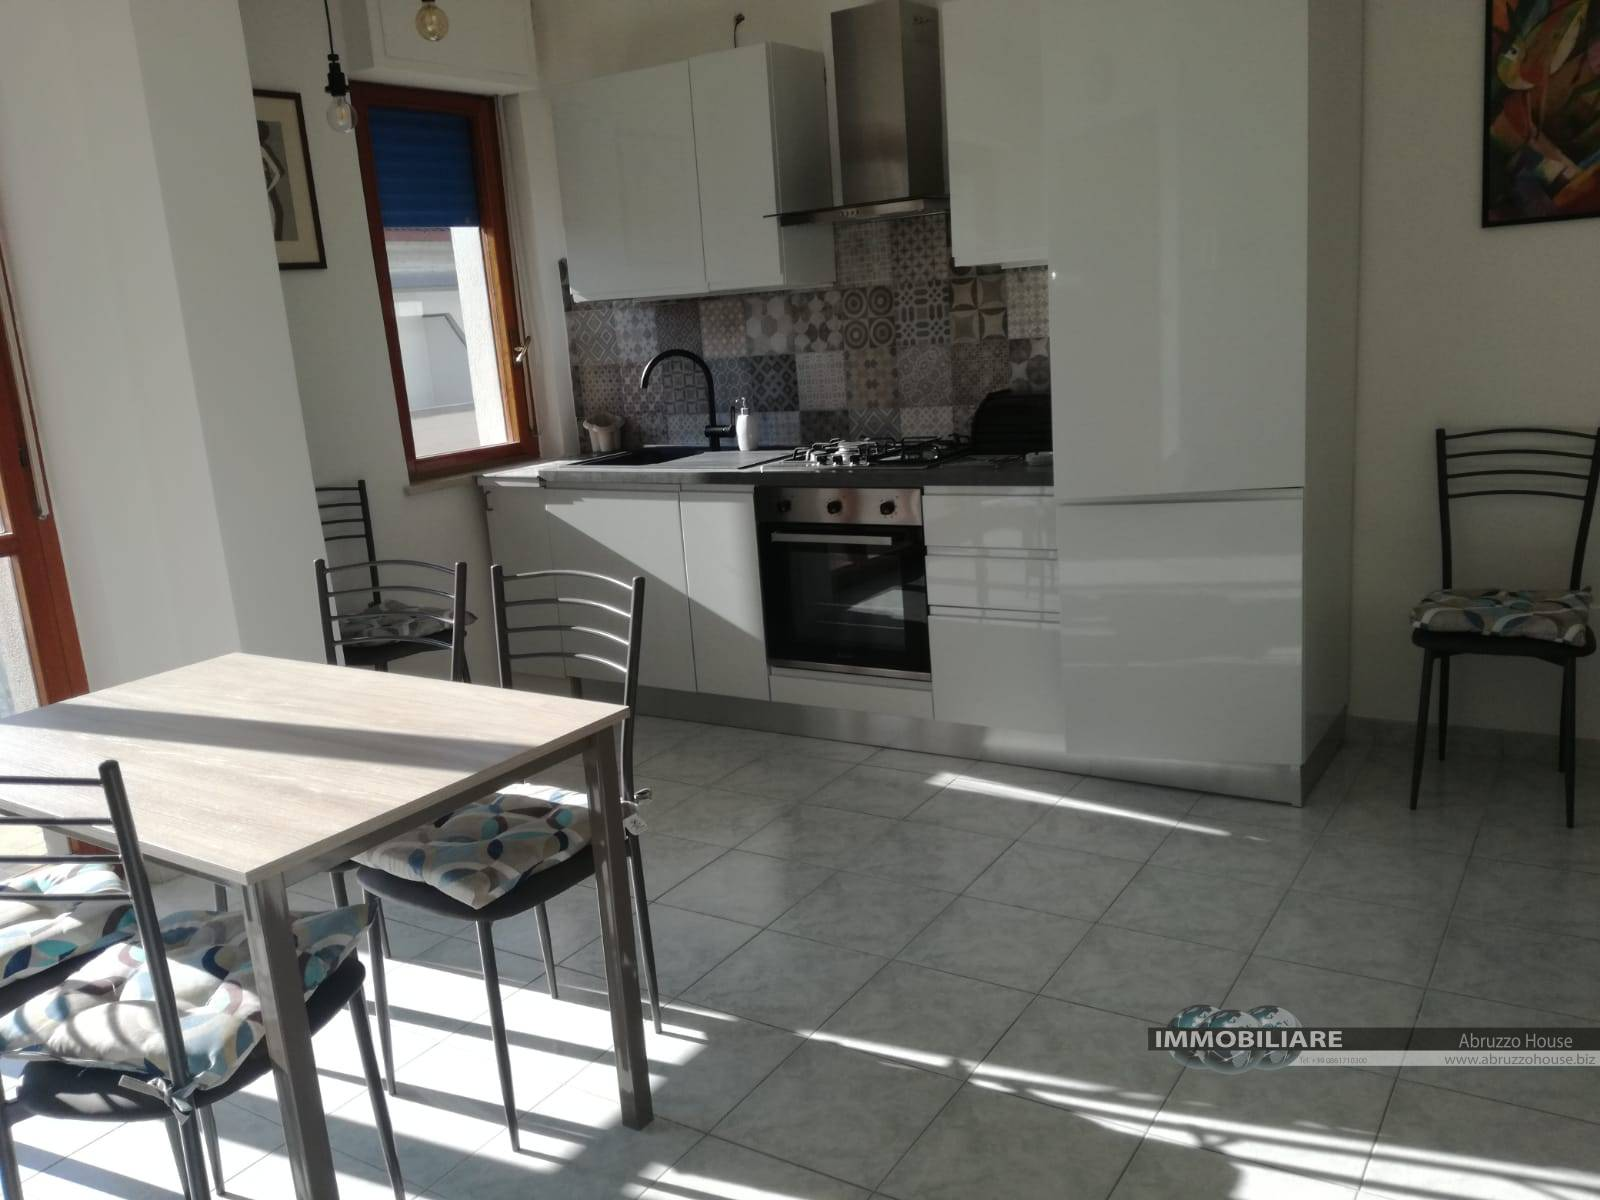 Appartamento in affitto a Alba Adriatica, 3 locali, zona Località: ZonaMare, Trattative riservate | CambioCasa.it